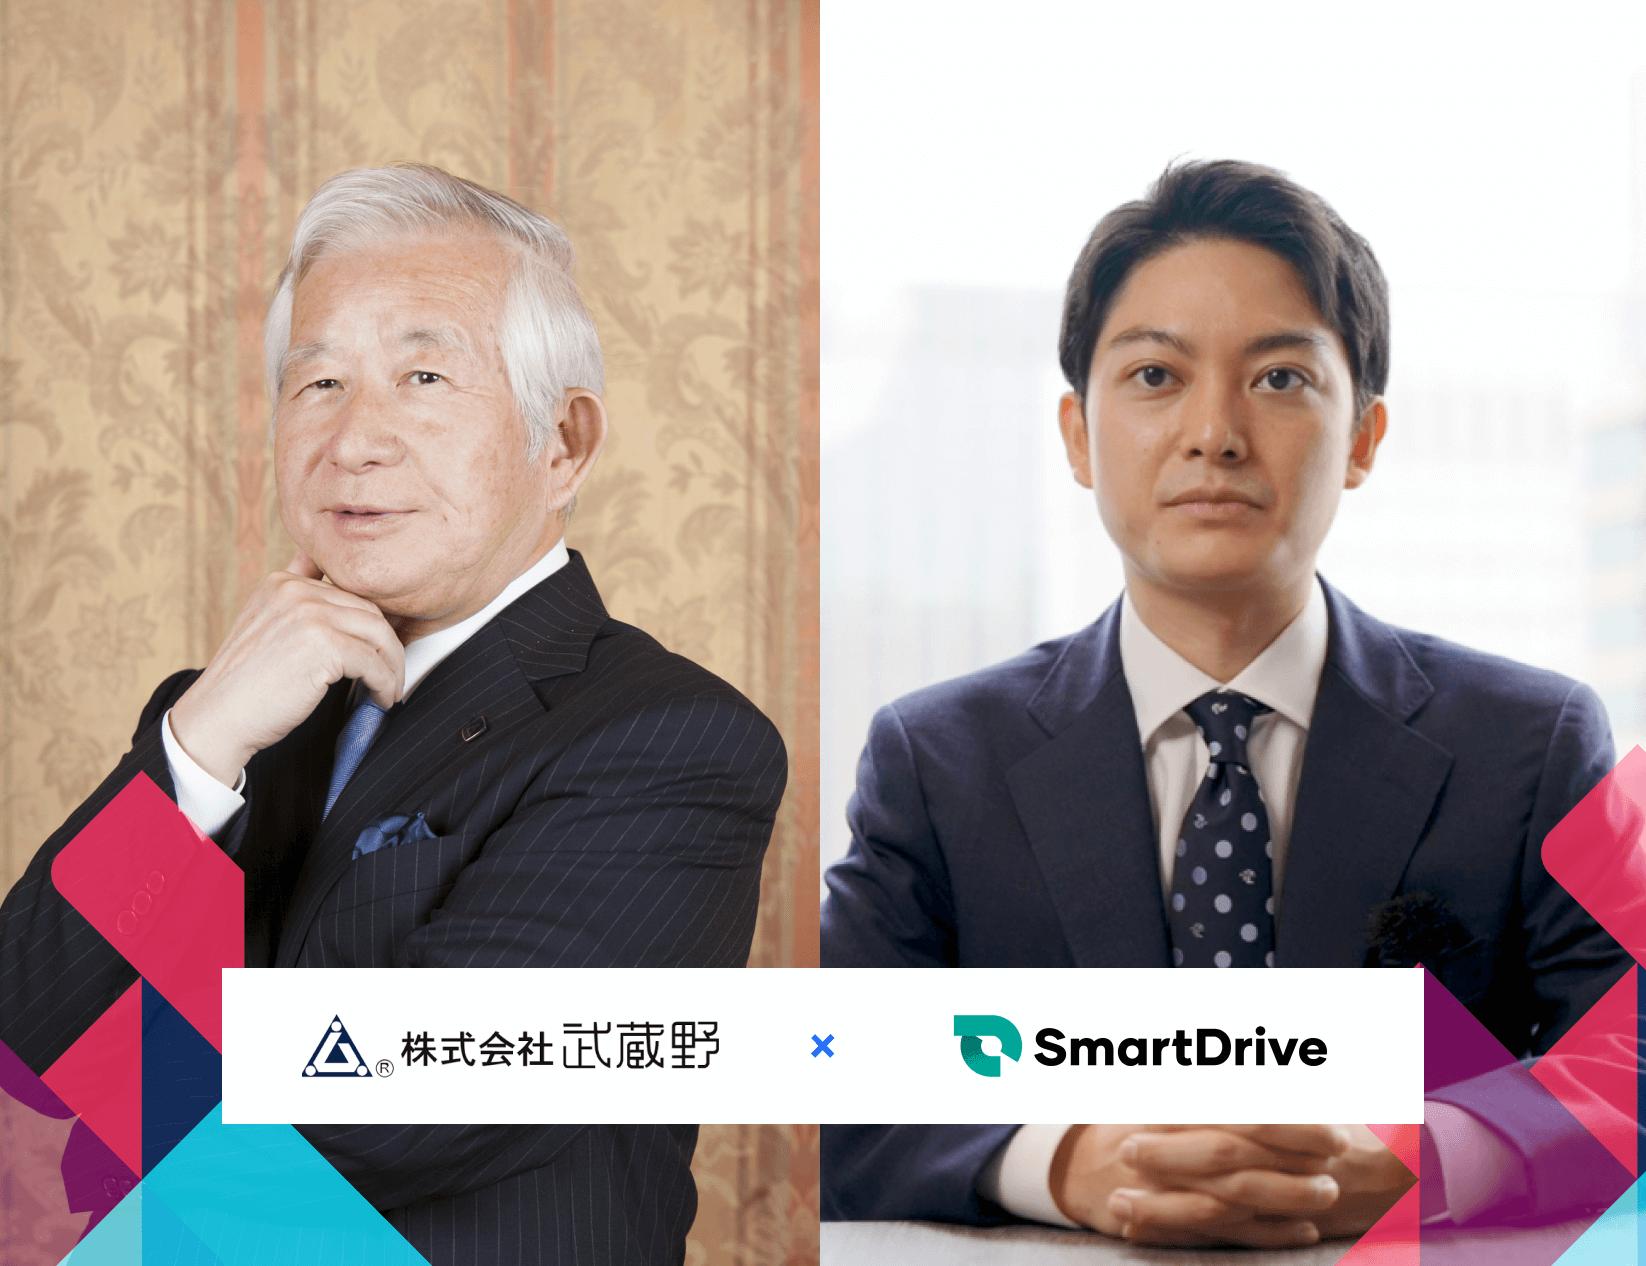 中小企業経営のカリスマ社長小山昇氏登壇!今こそ取り組むべきデータ経営と、DXの具体事例を紹介